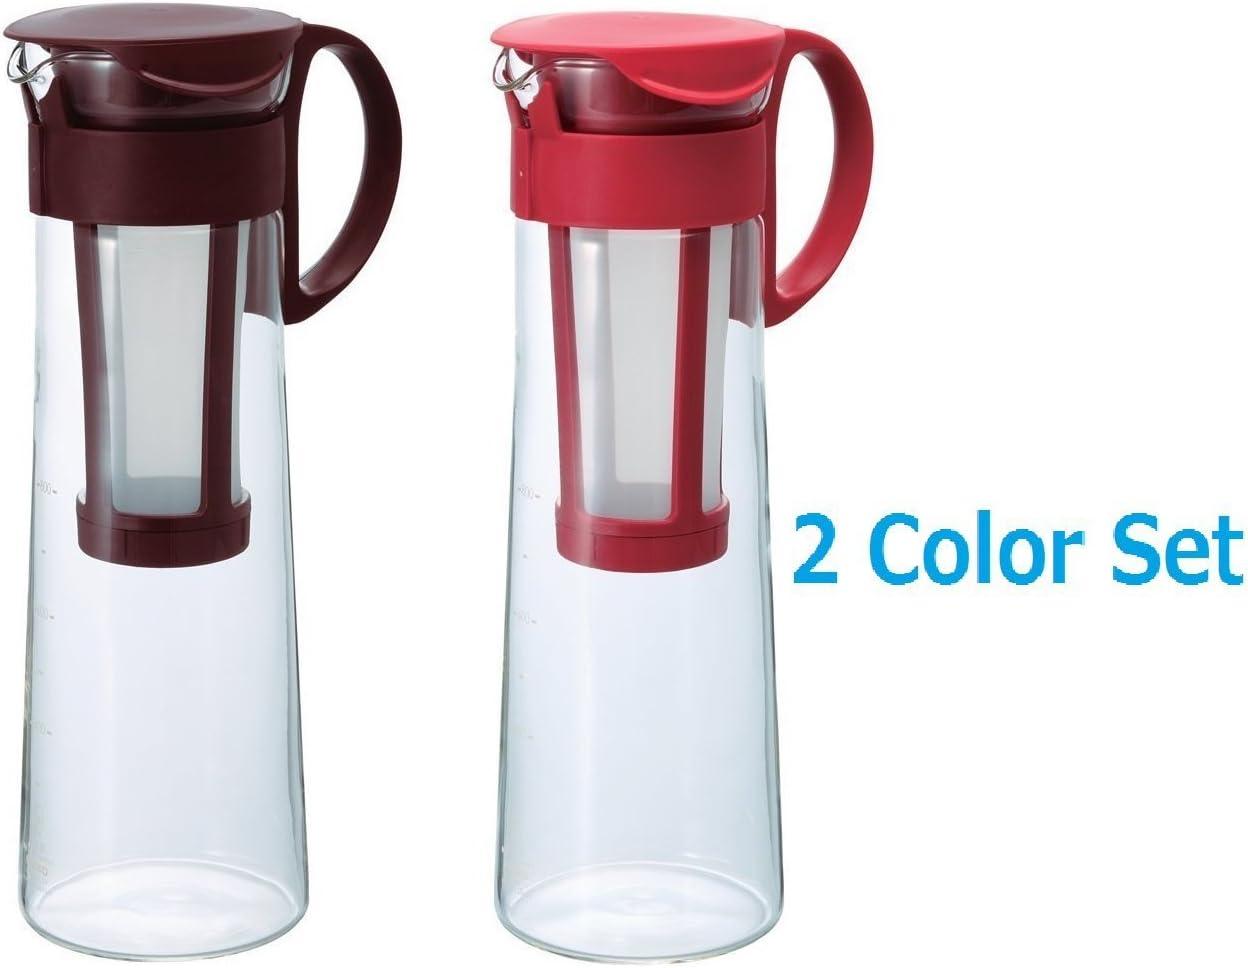 2 Color Set New Hario Hario 1000ml Mizudashi Cold Brew Coffee tea Server Red Brown'set